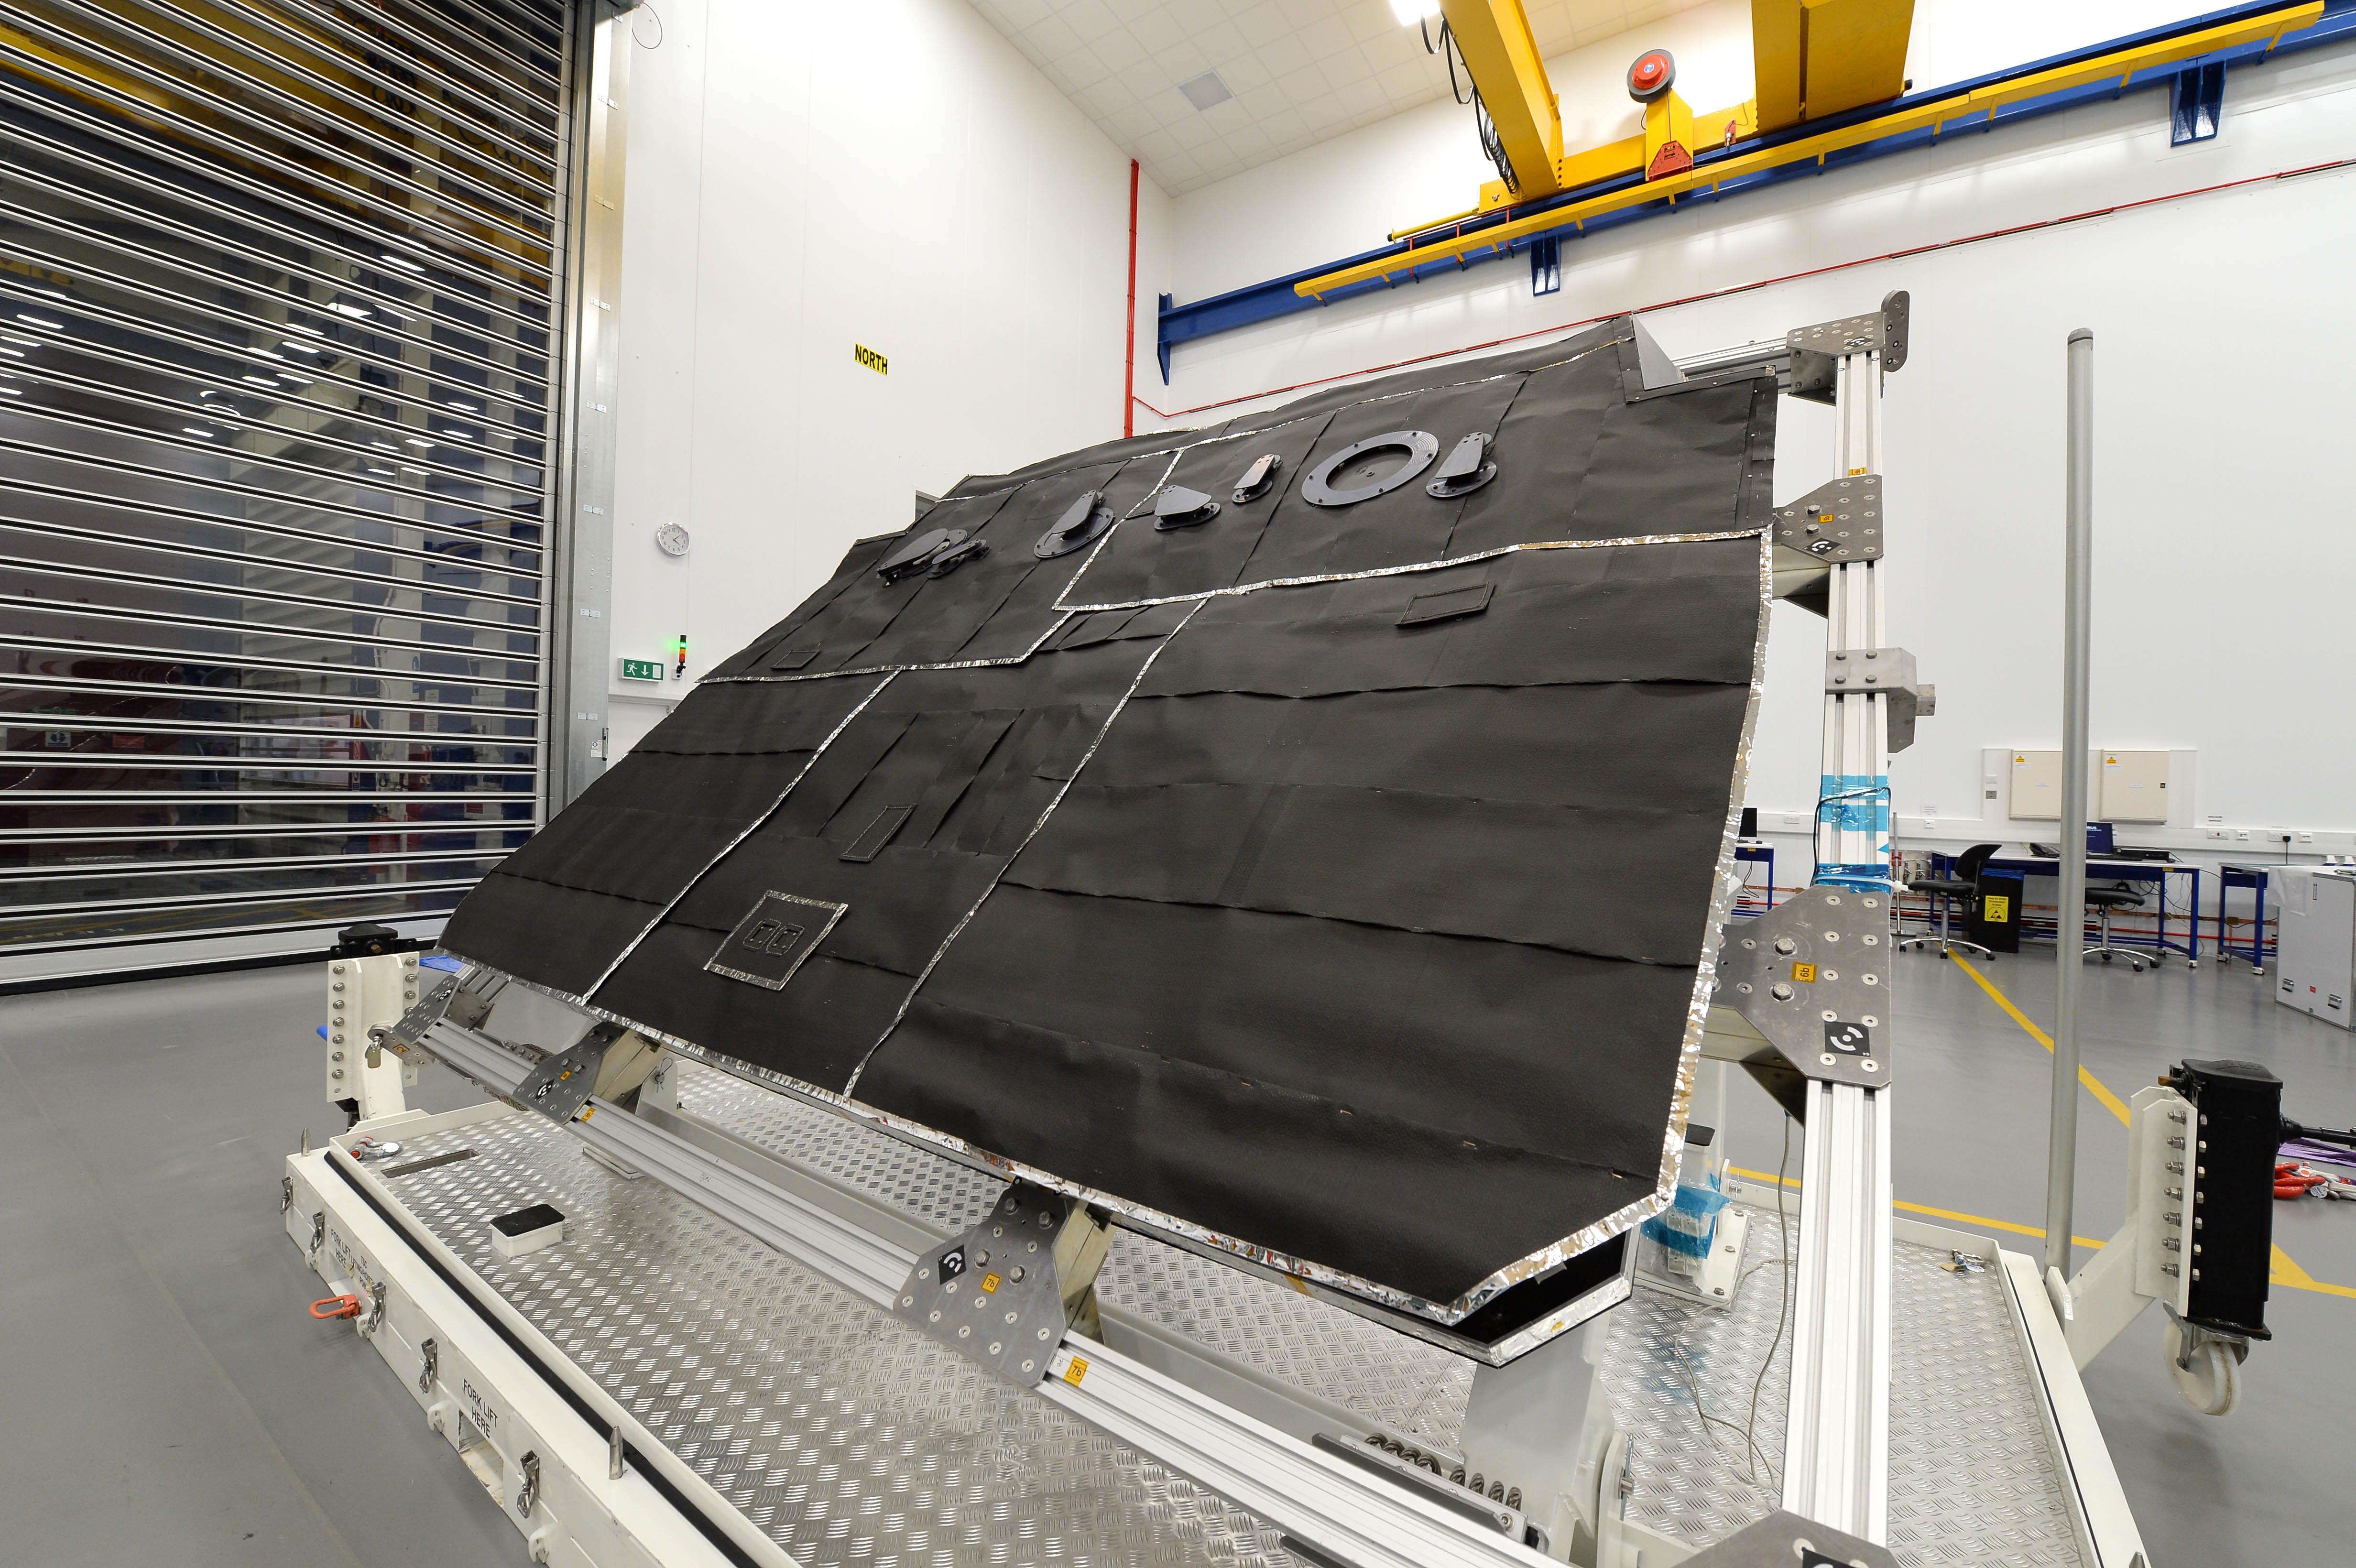 1567216119547-Solar_Orbiter_Airbus_DS_06.jpg